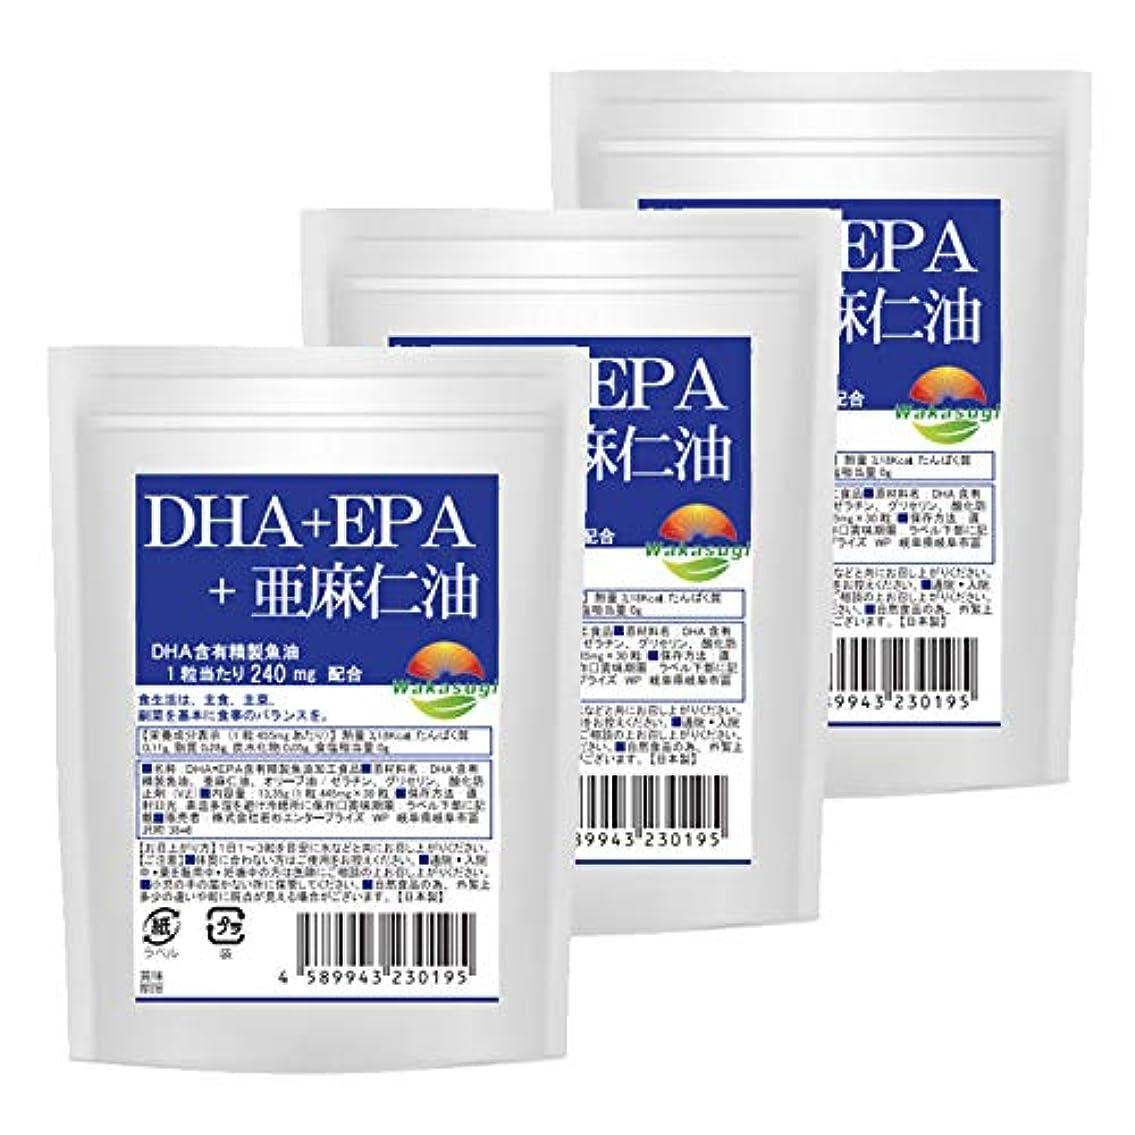 作りますマディソン制限DHA+EPA+亜麻仁油 30粒 3袋 セット 計90粒 最大3か月分 ソフトカプセルタイプ